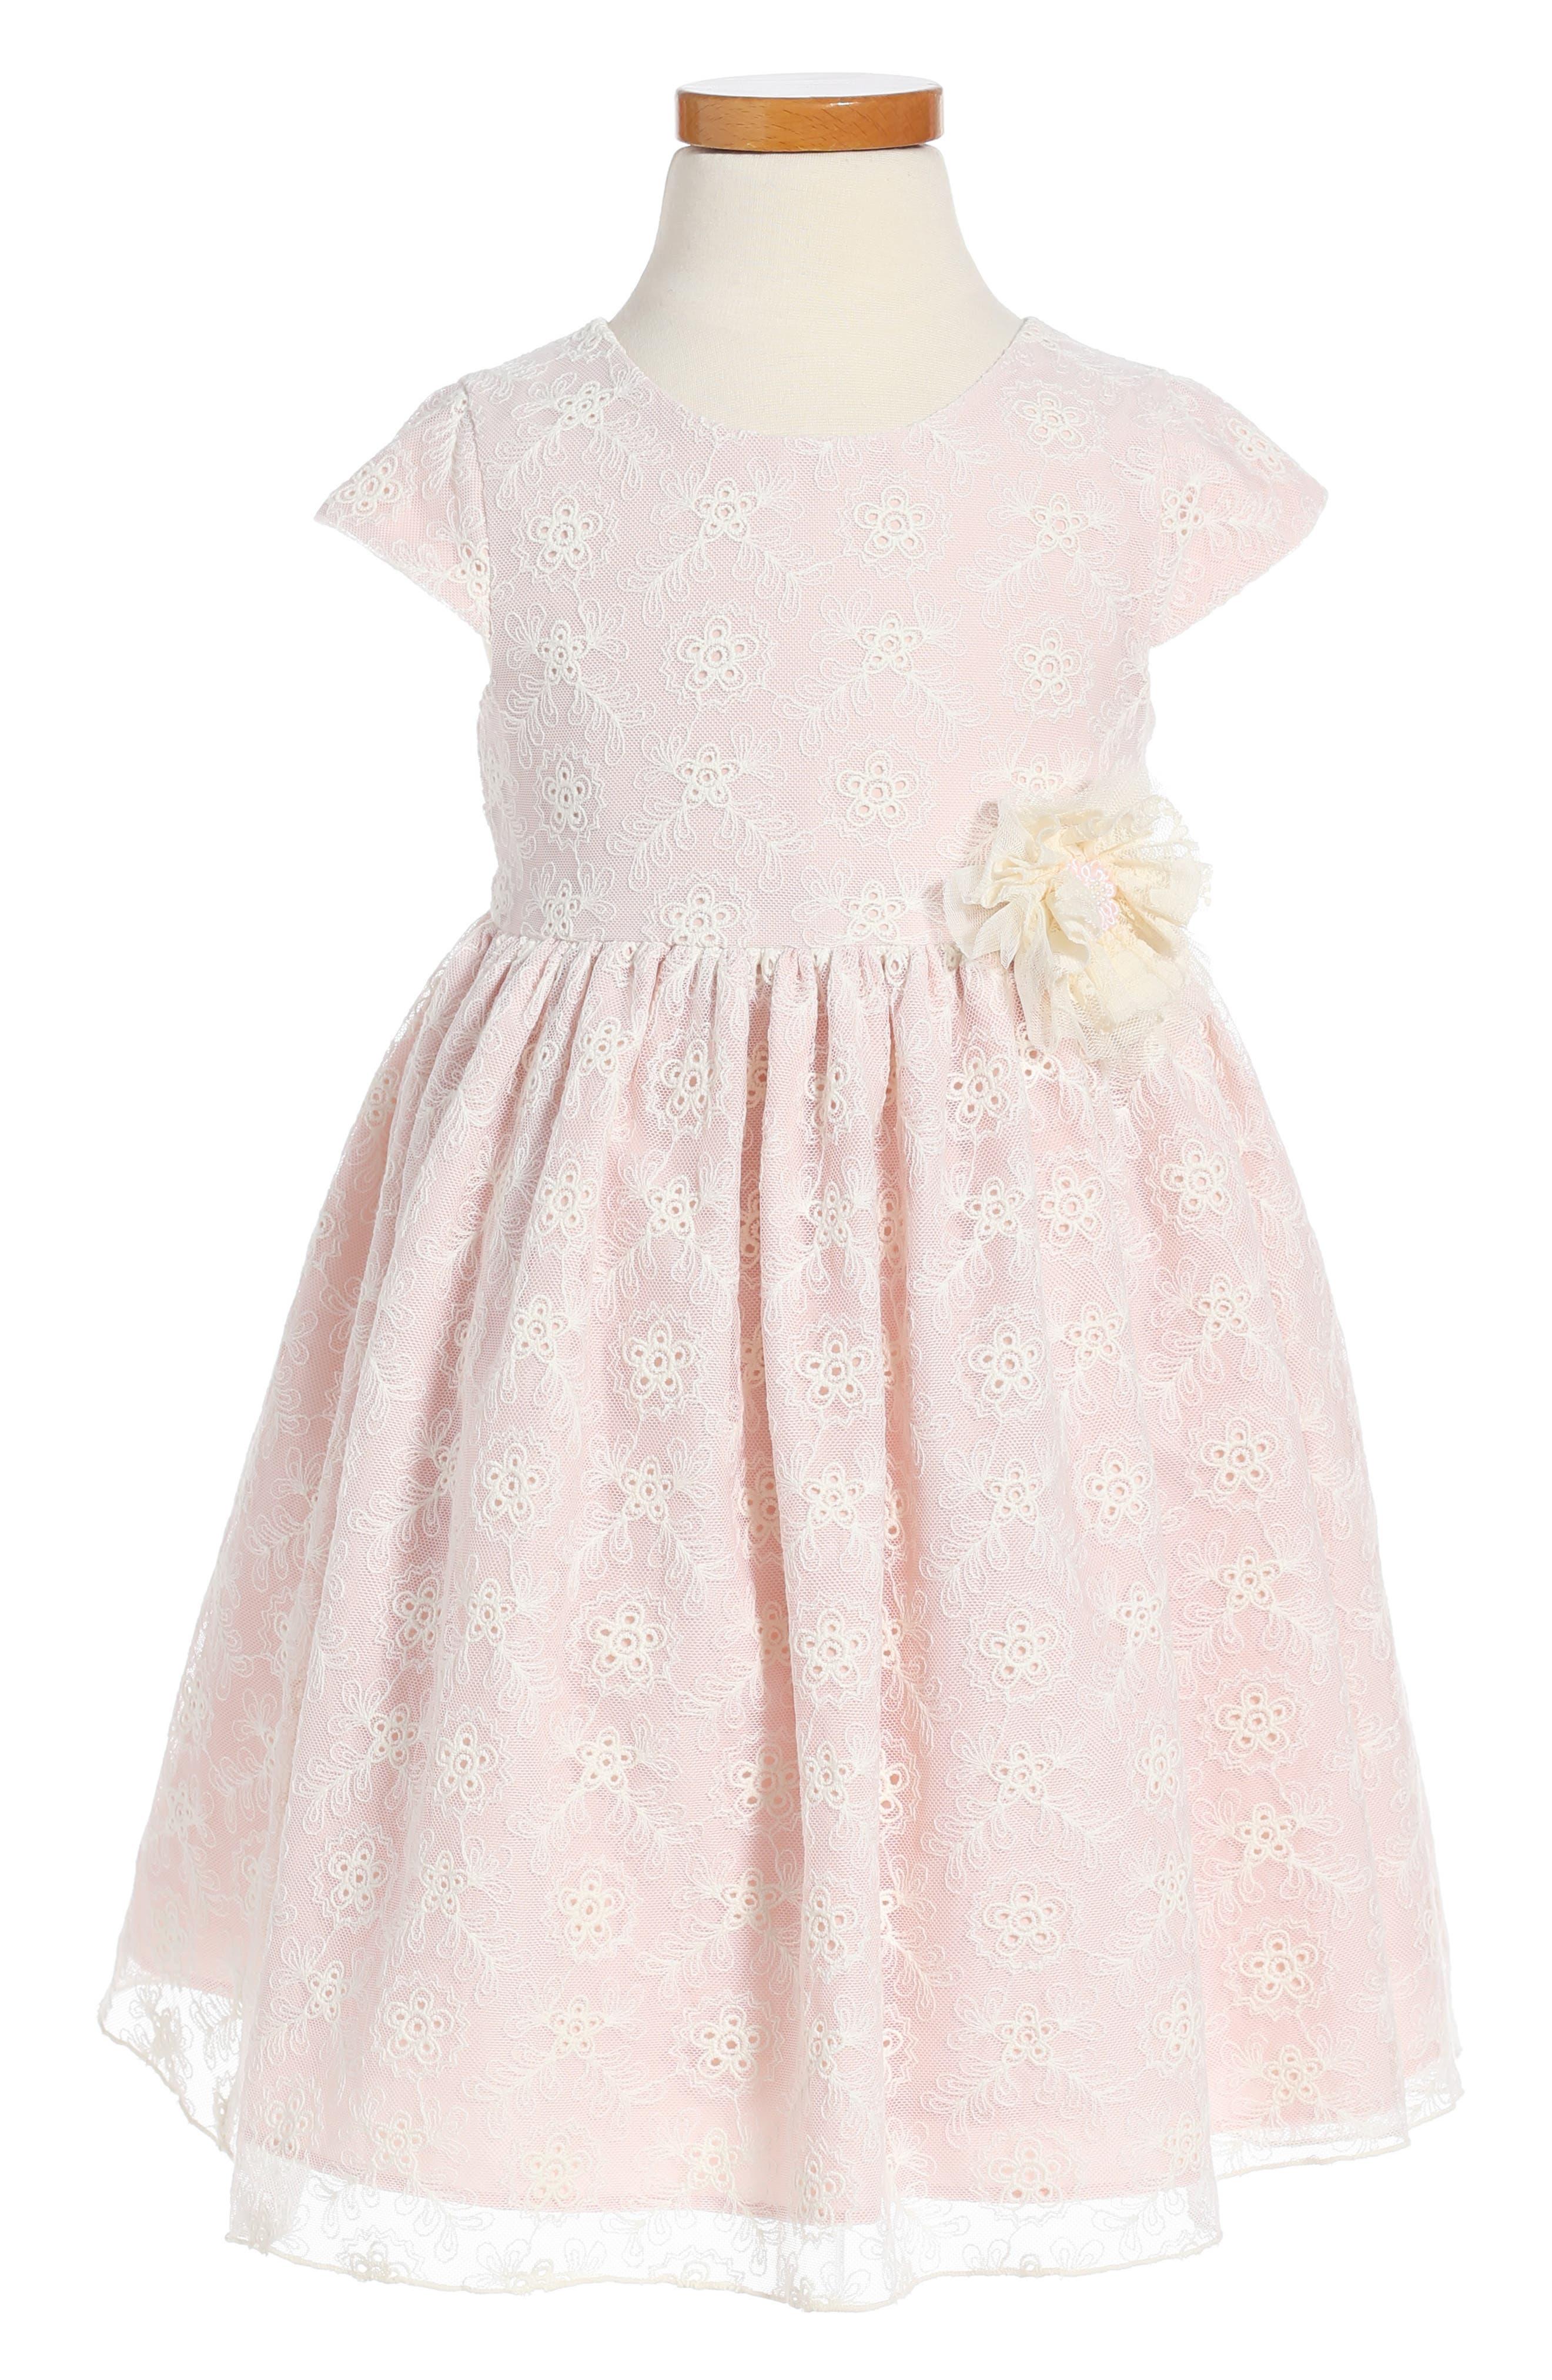 PIPPA & JULIE Lace Dress